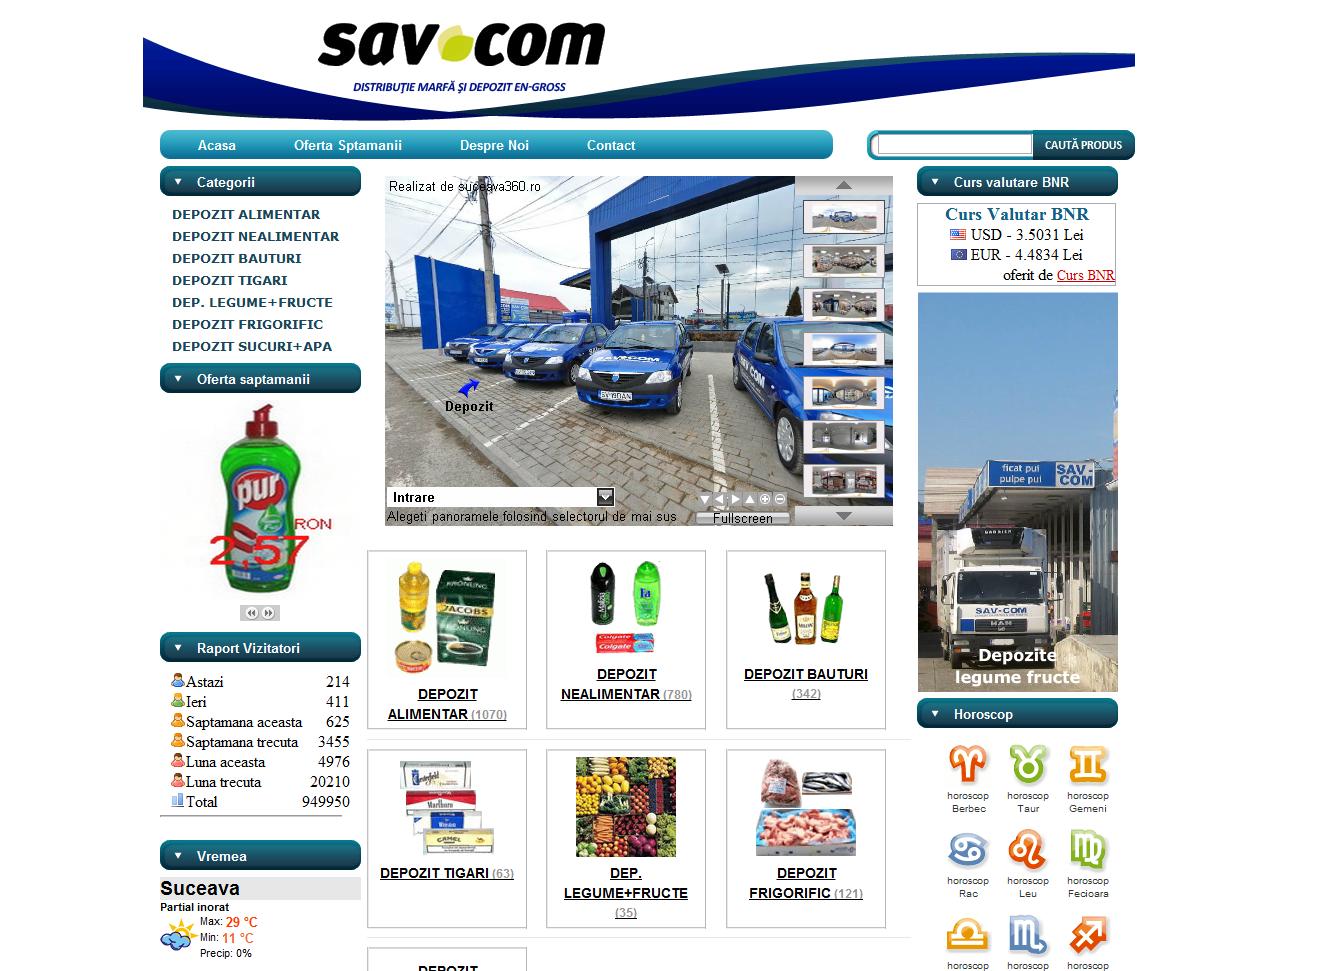 www-sav-com-ro